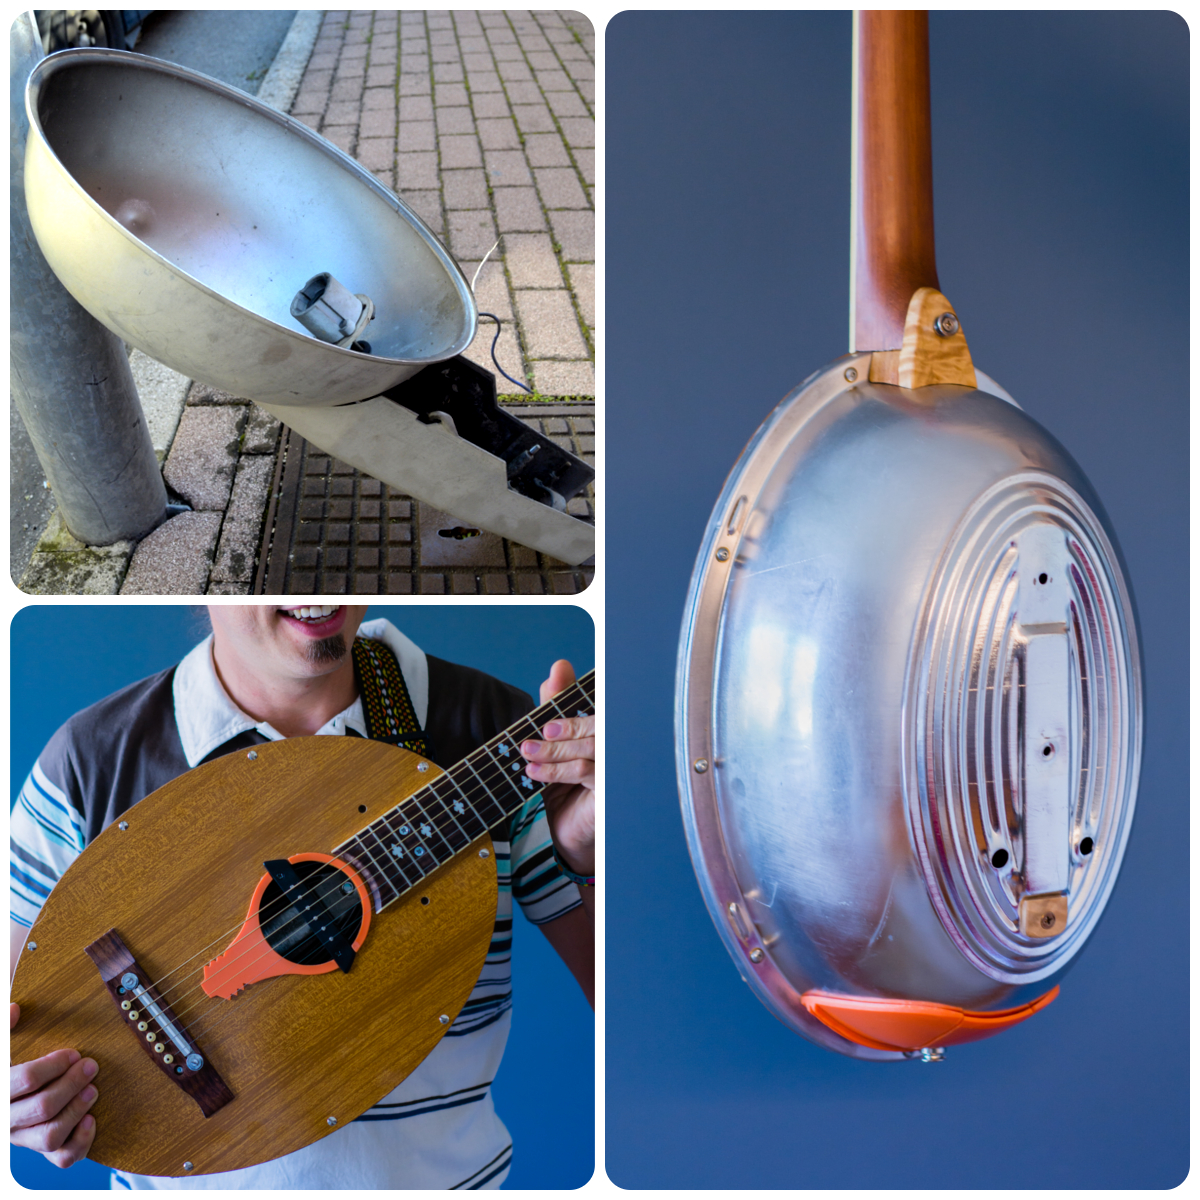 Lampion Guitar - Il lampione